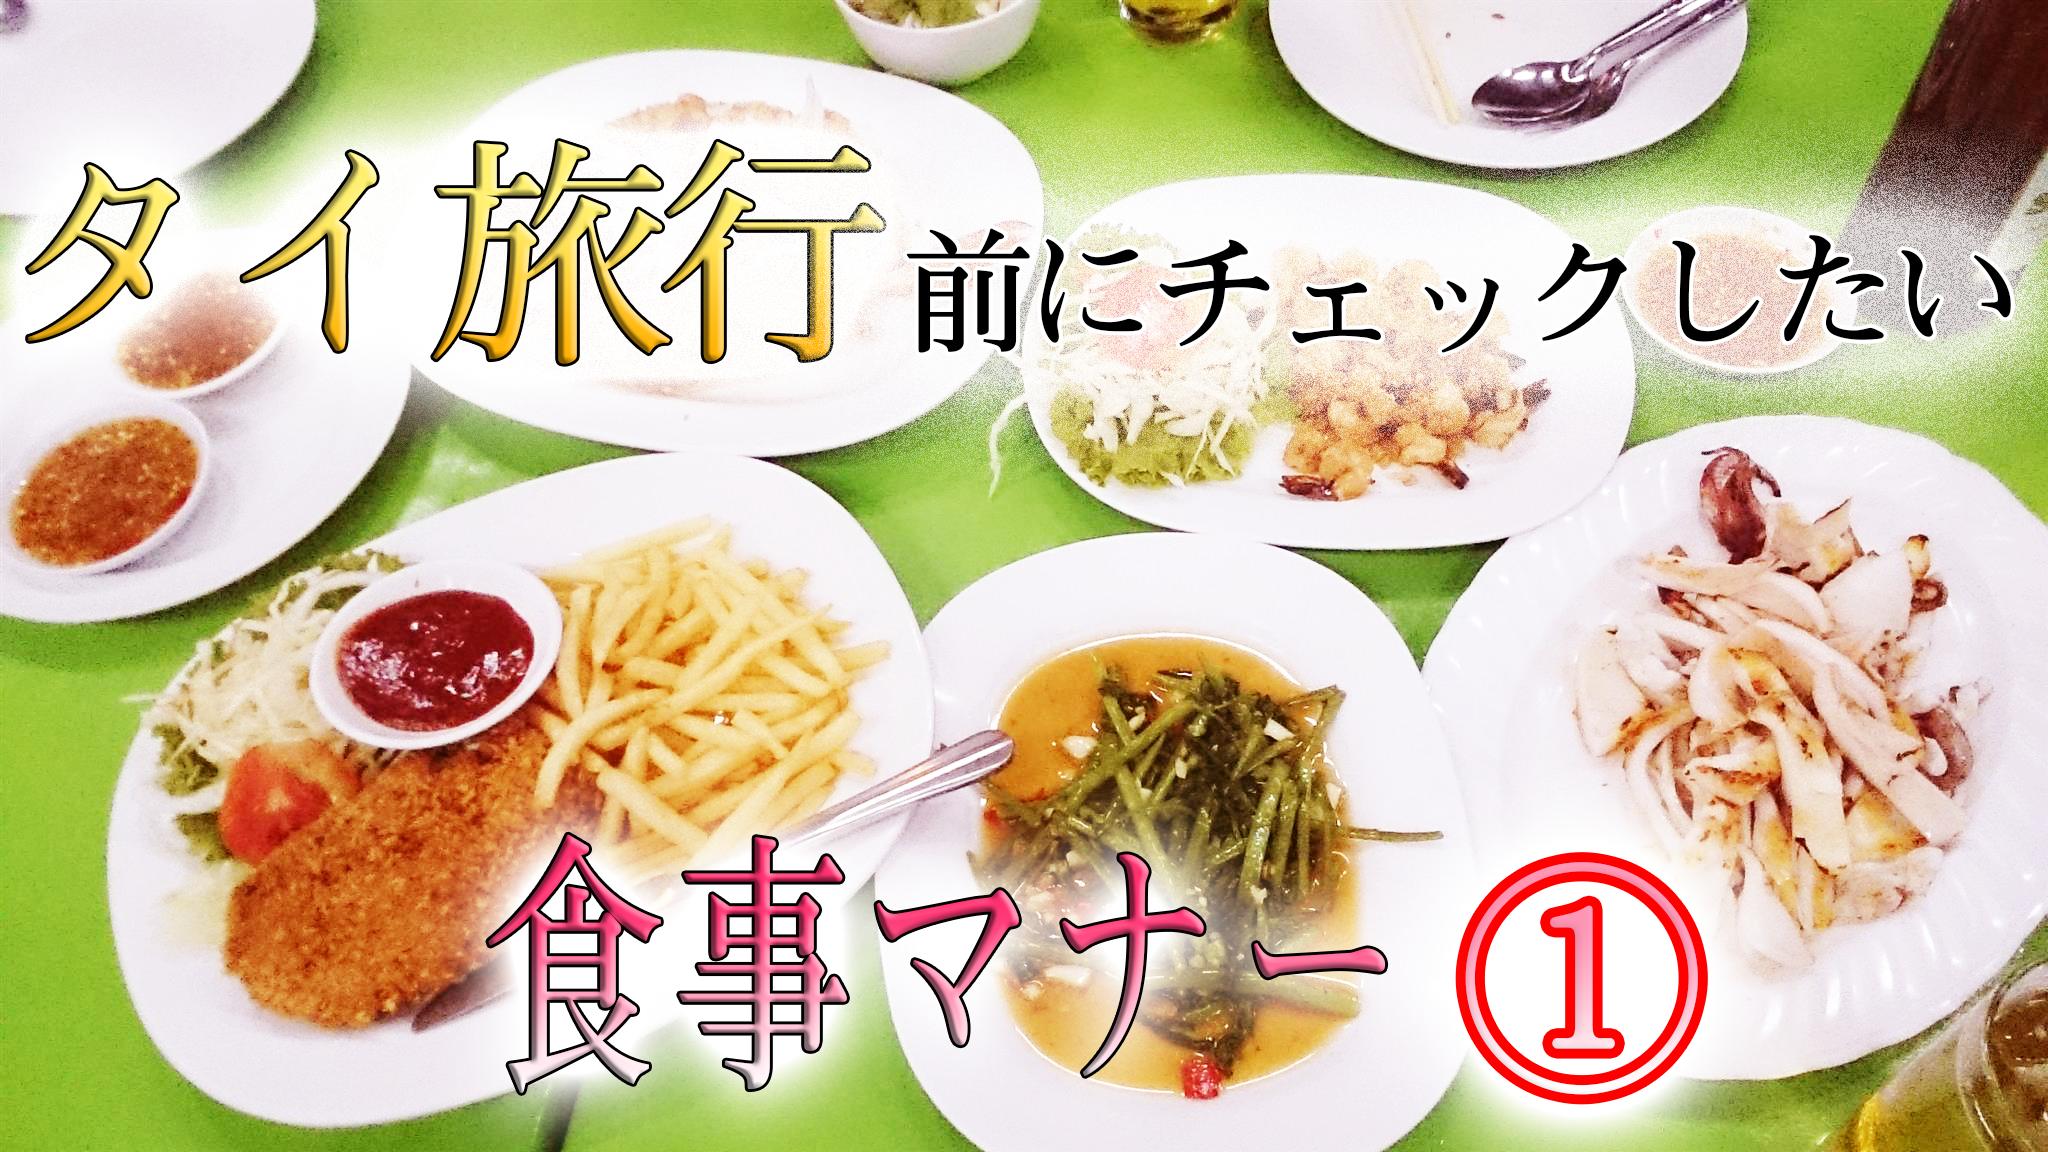 【タイ旅行情報】タイで旅行する前にチェックしたい食事のマナー